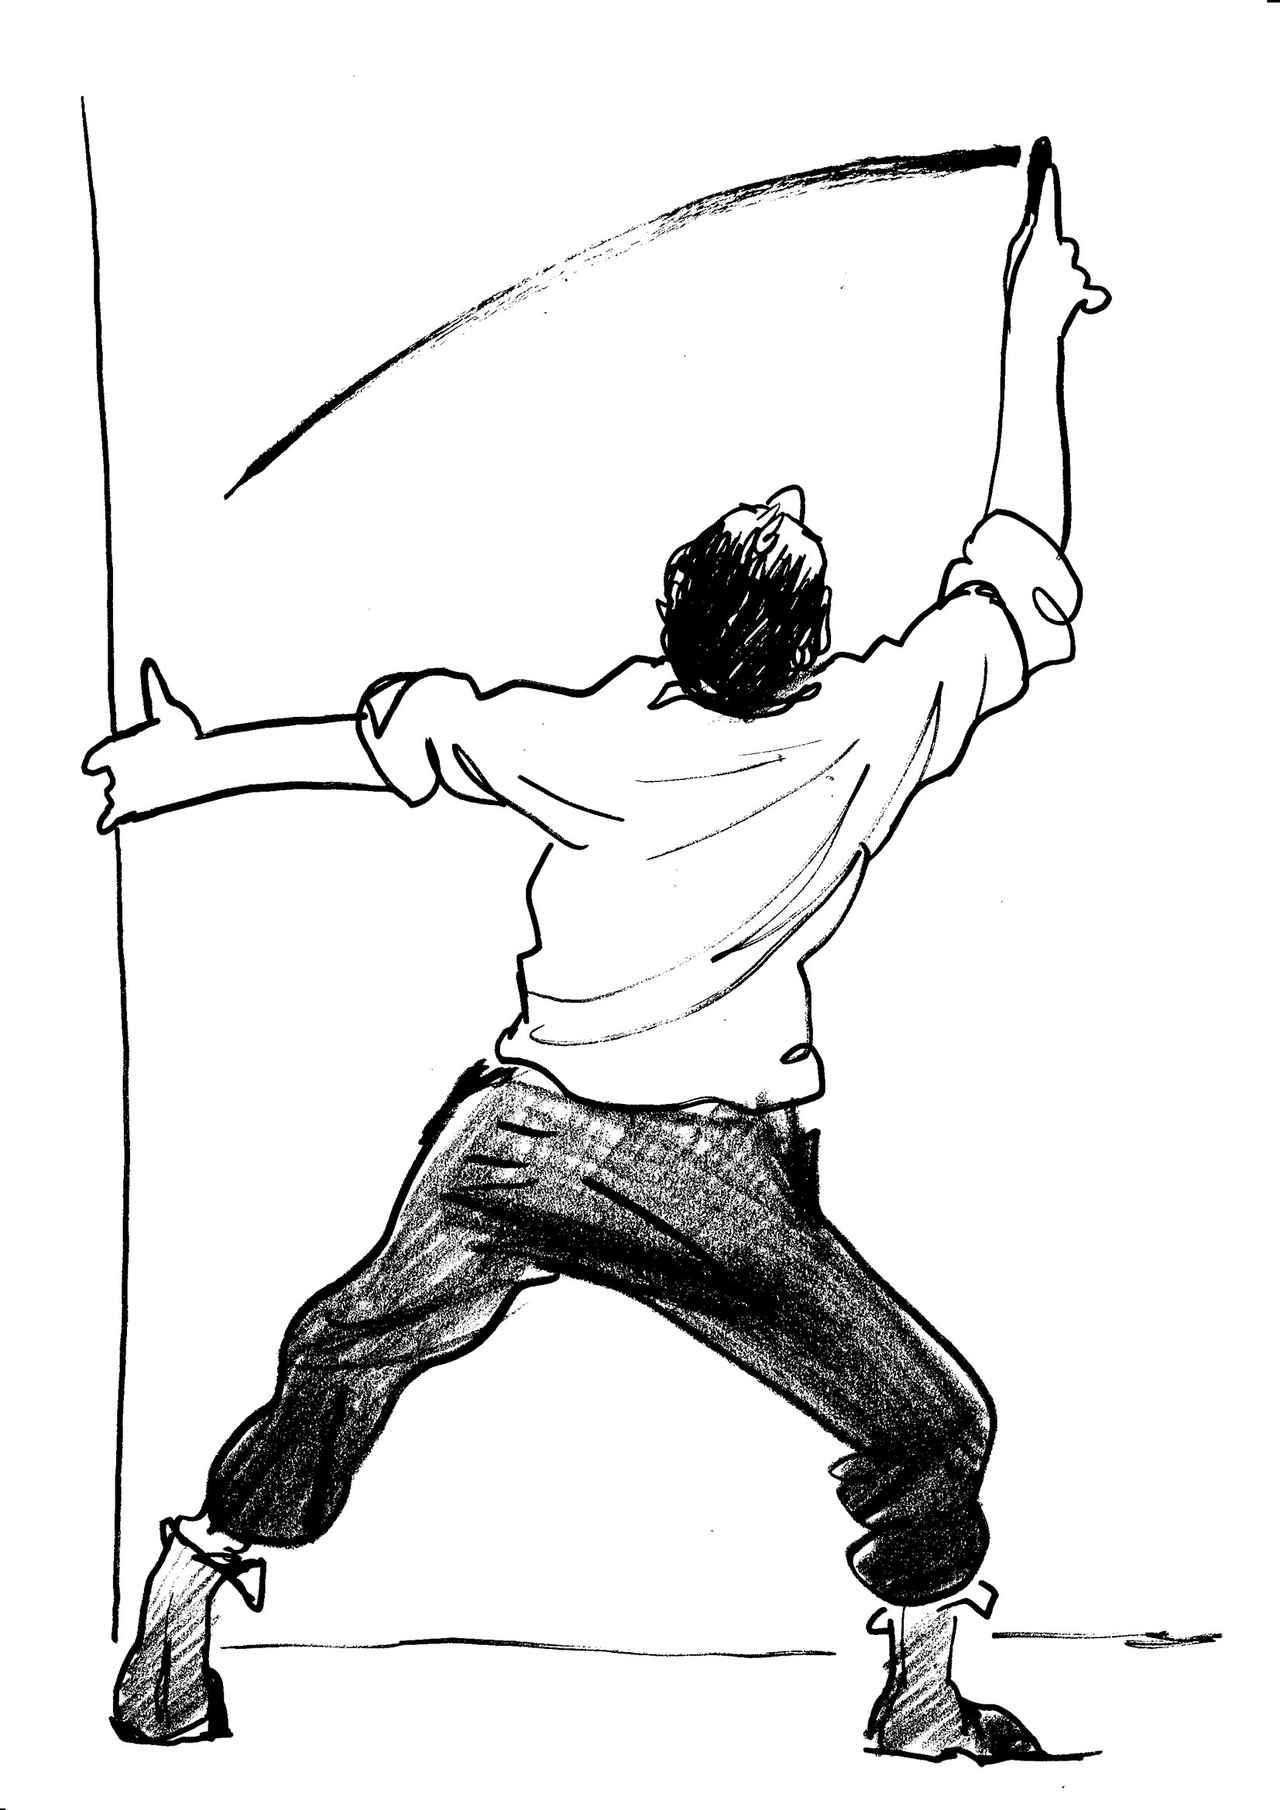 画像1: 愛する人との再会を胸に、どんな現実も描くことで生き抜いた男の感動の実話